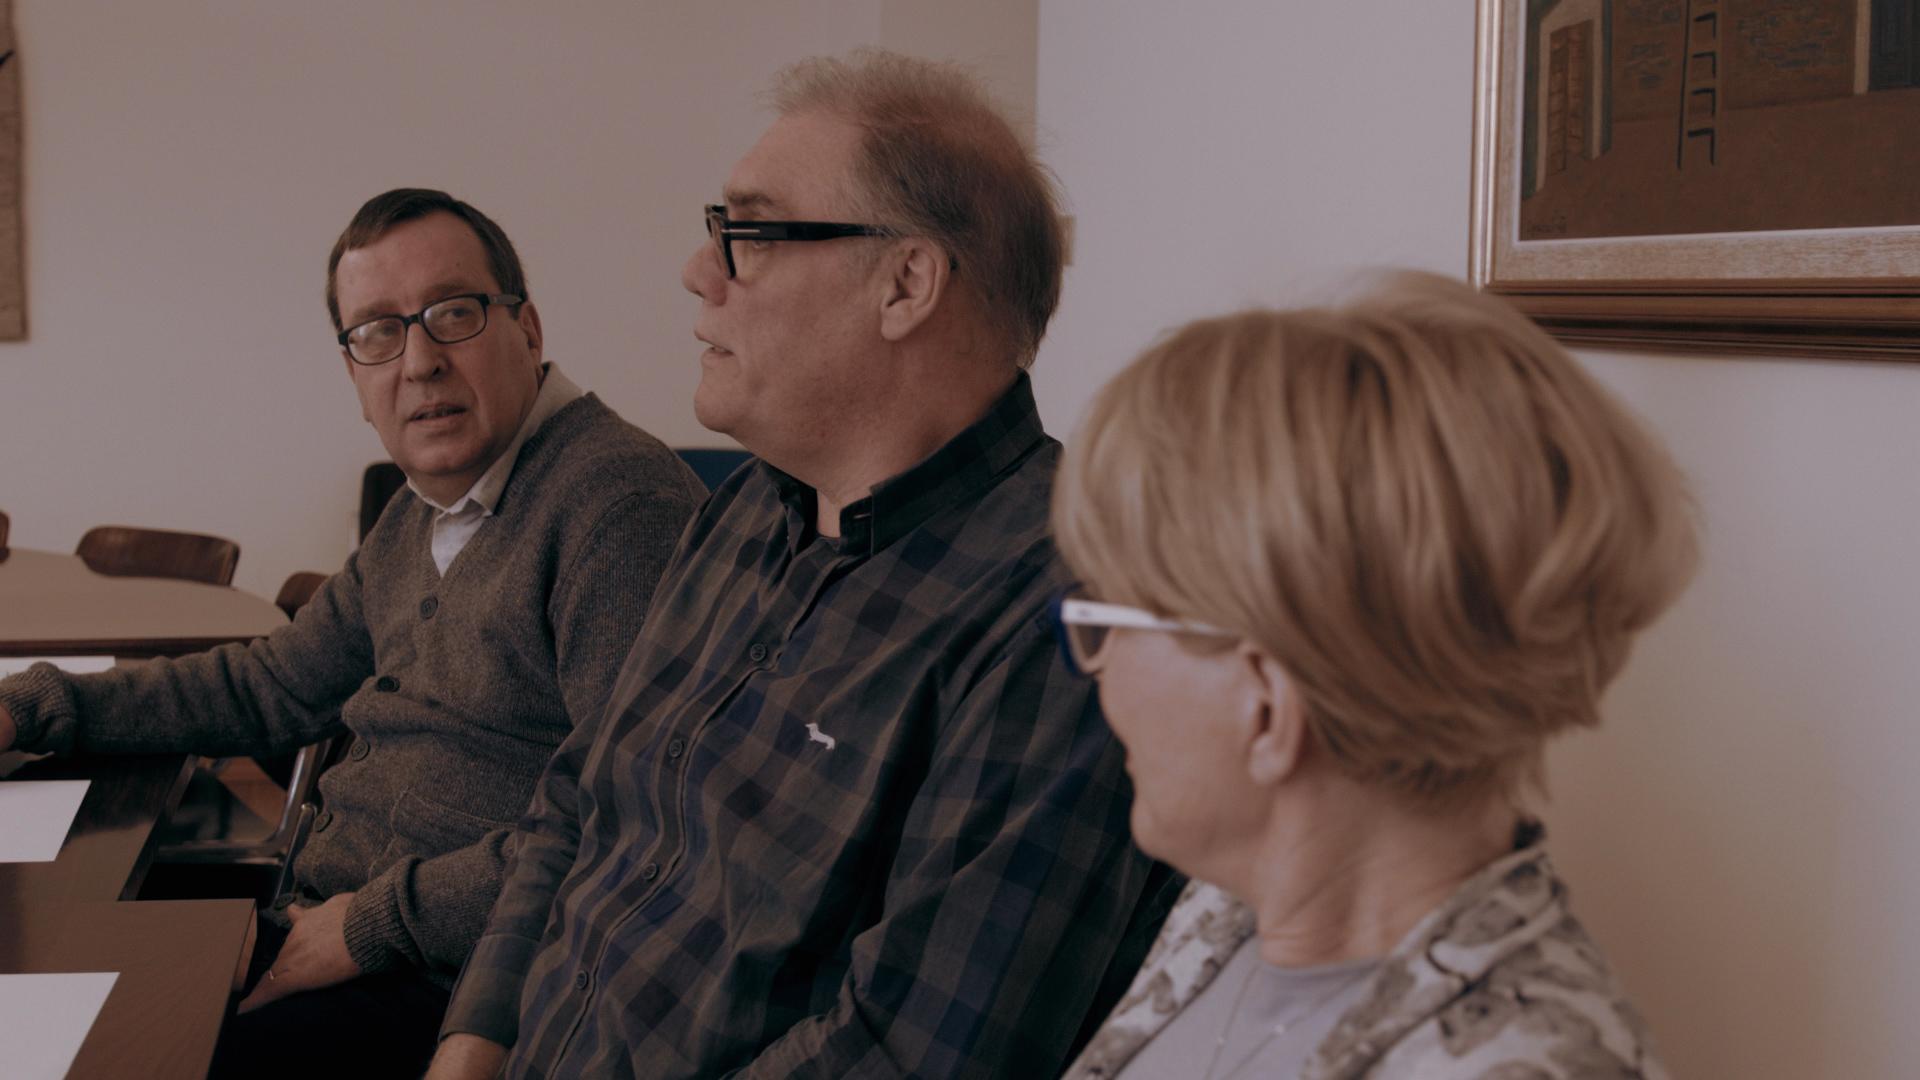 Z leve: Ivan Verč, Boris Kobal, Bogomila Kravos (nastopajoči v filmu)